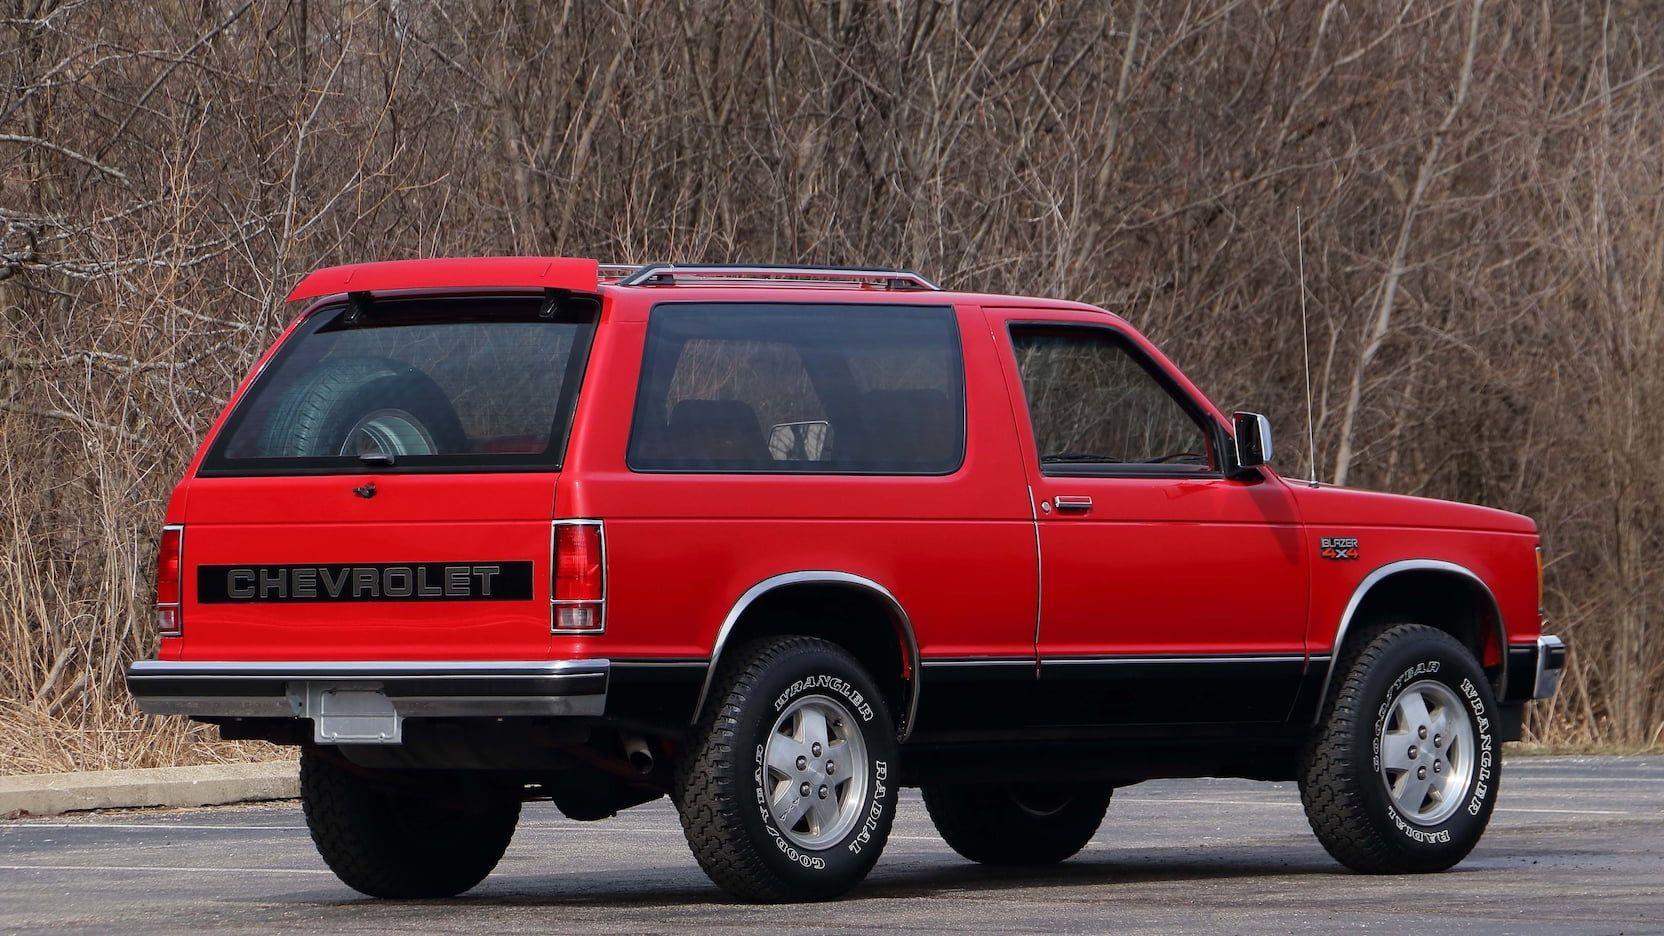 1987 Chevrolet S10 Blazer T173 Indy 2018 Chevrolet S10 Blazer Chevy S10